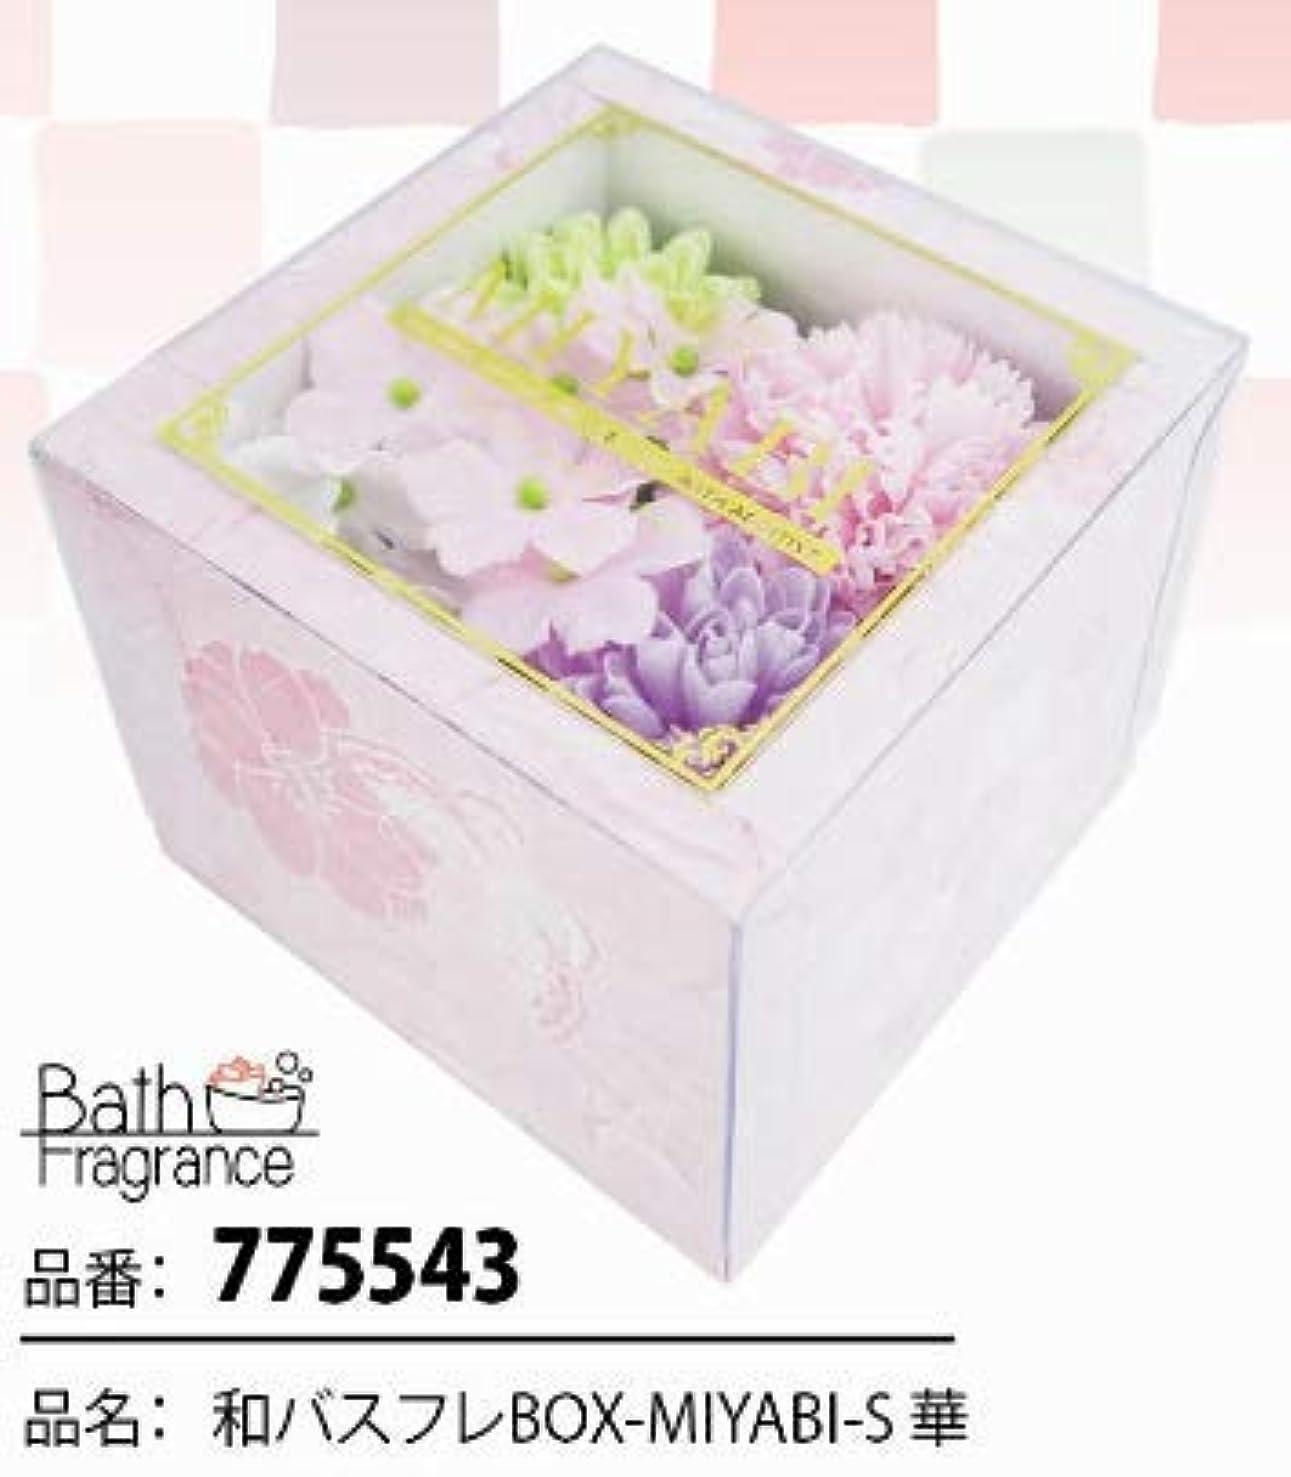 不健全繊細急勾配の花のカタチの入浴剤 和バスフレBOX-MIYABI-S華 775543